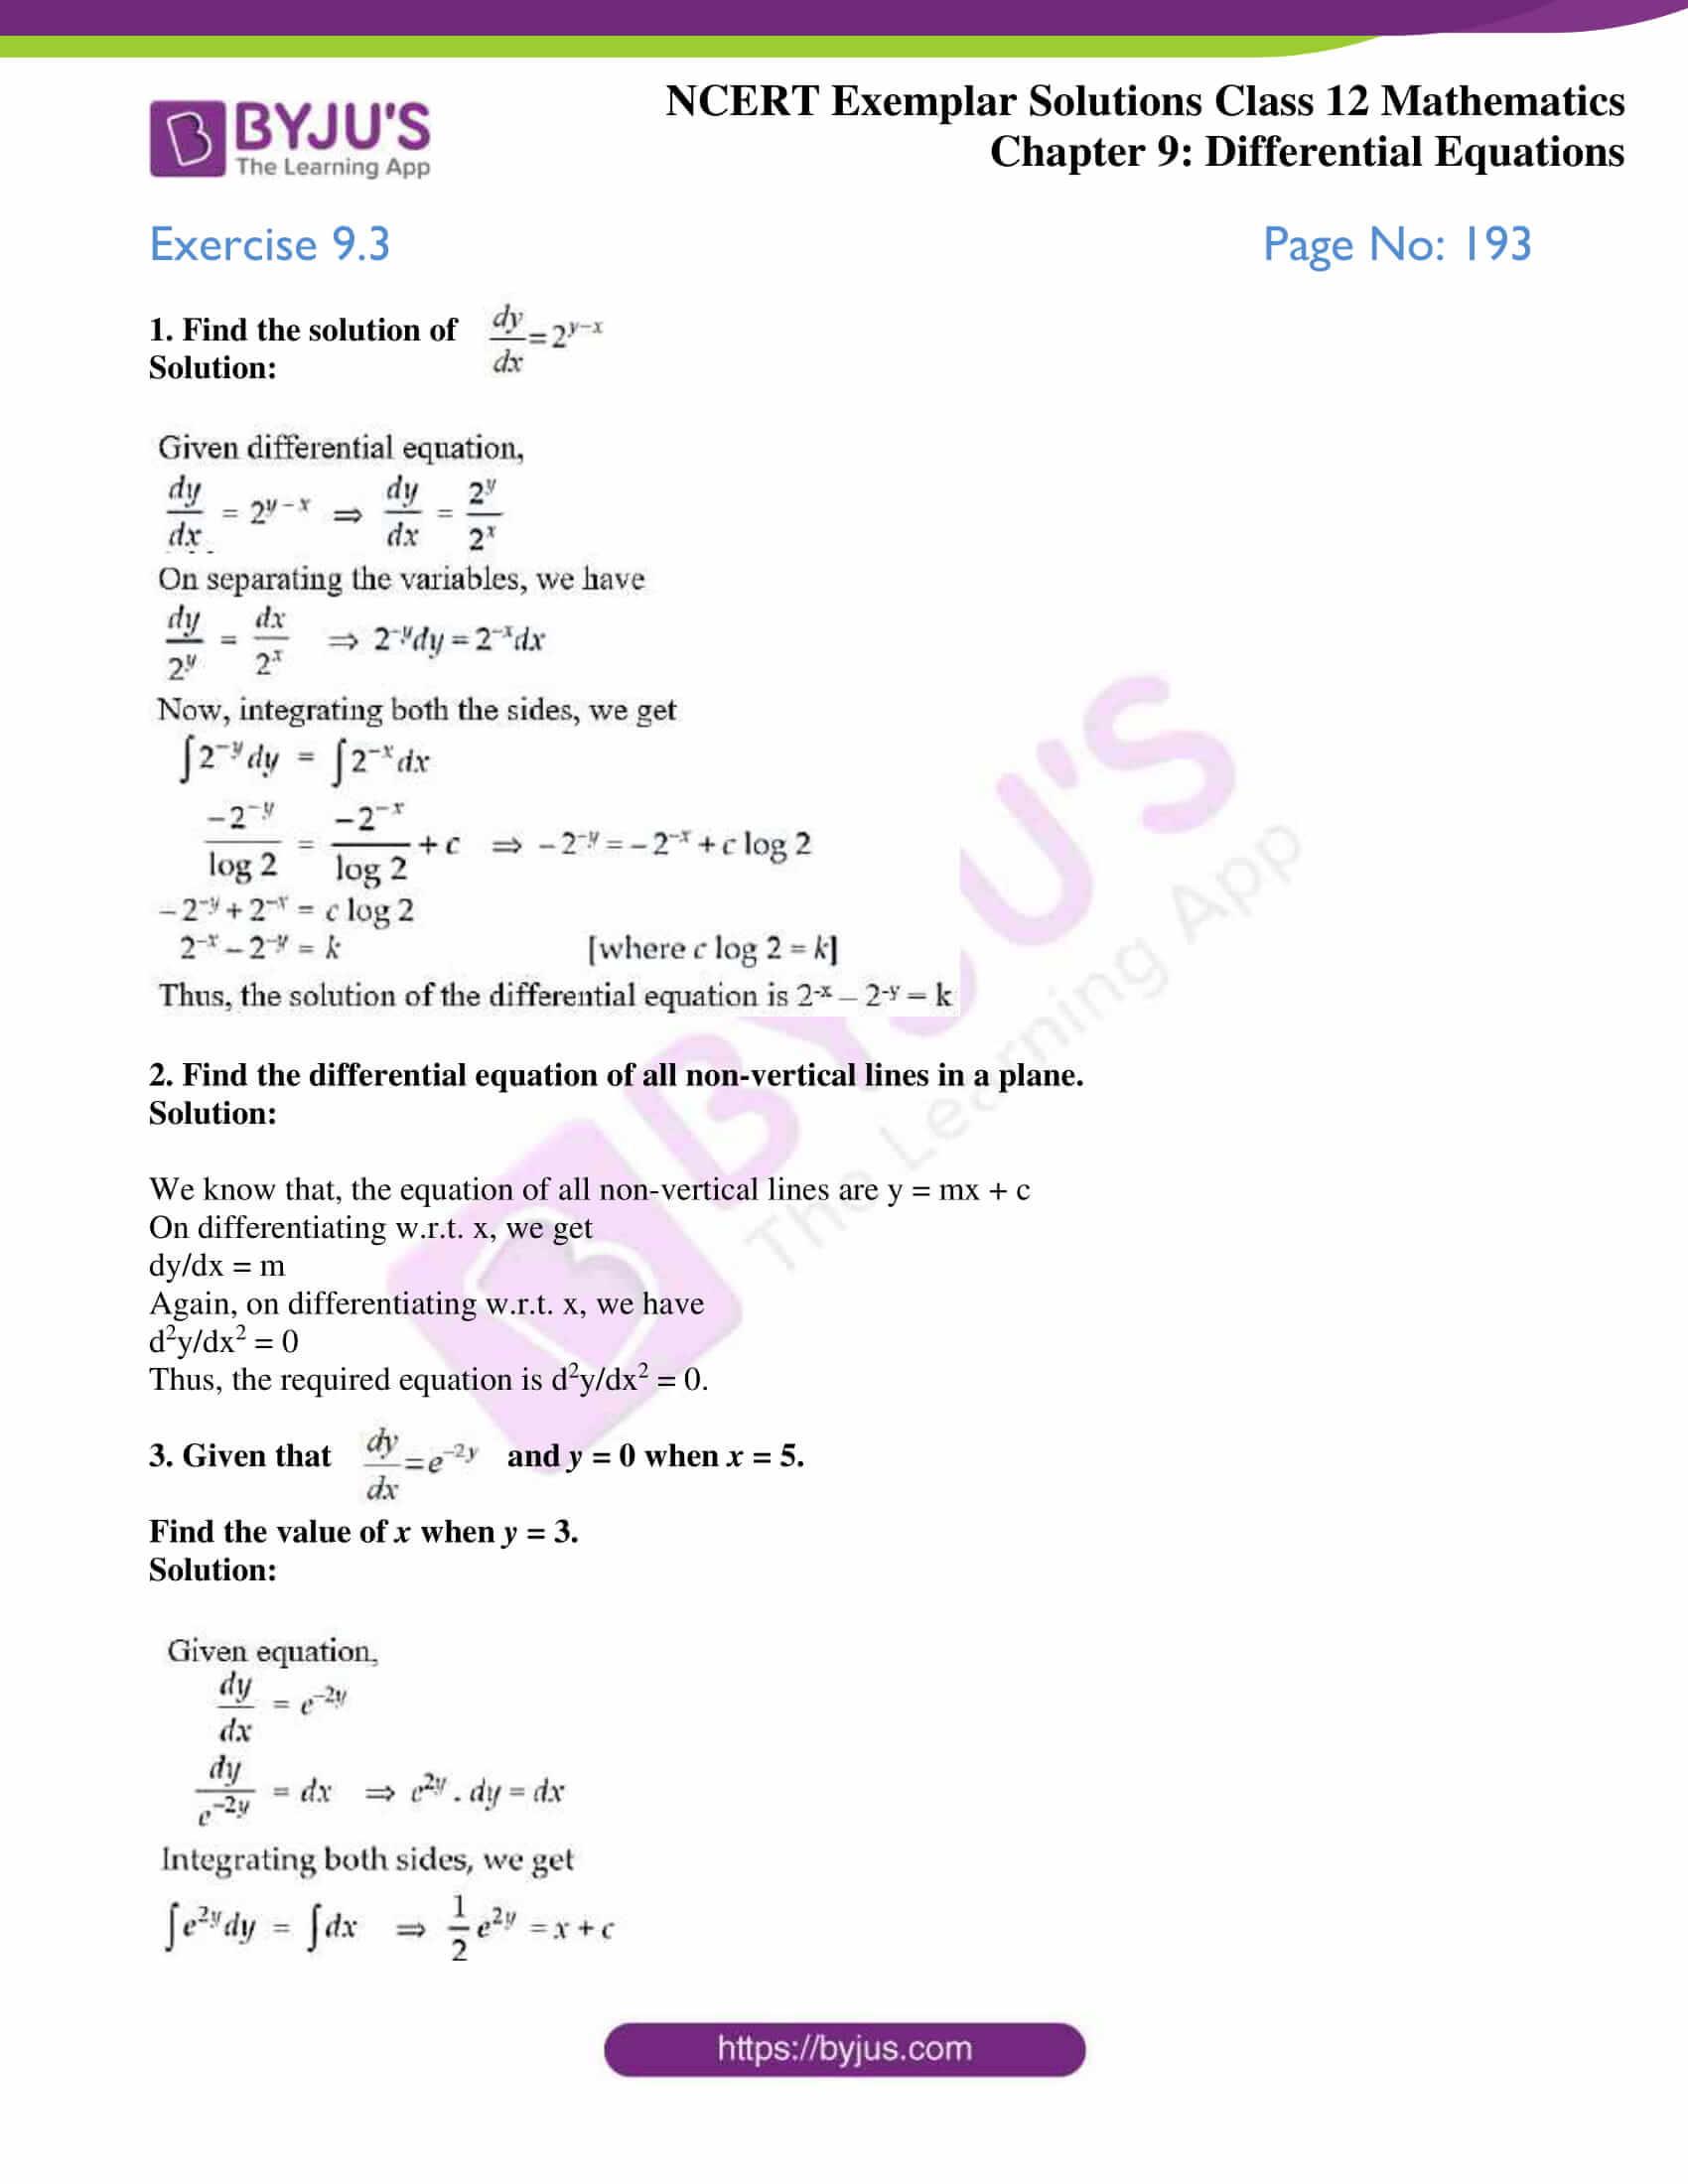 ncert exemplar sol class 12 mathematics ch 9 01